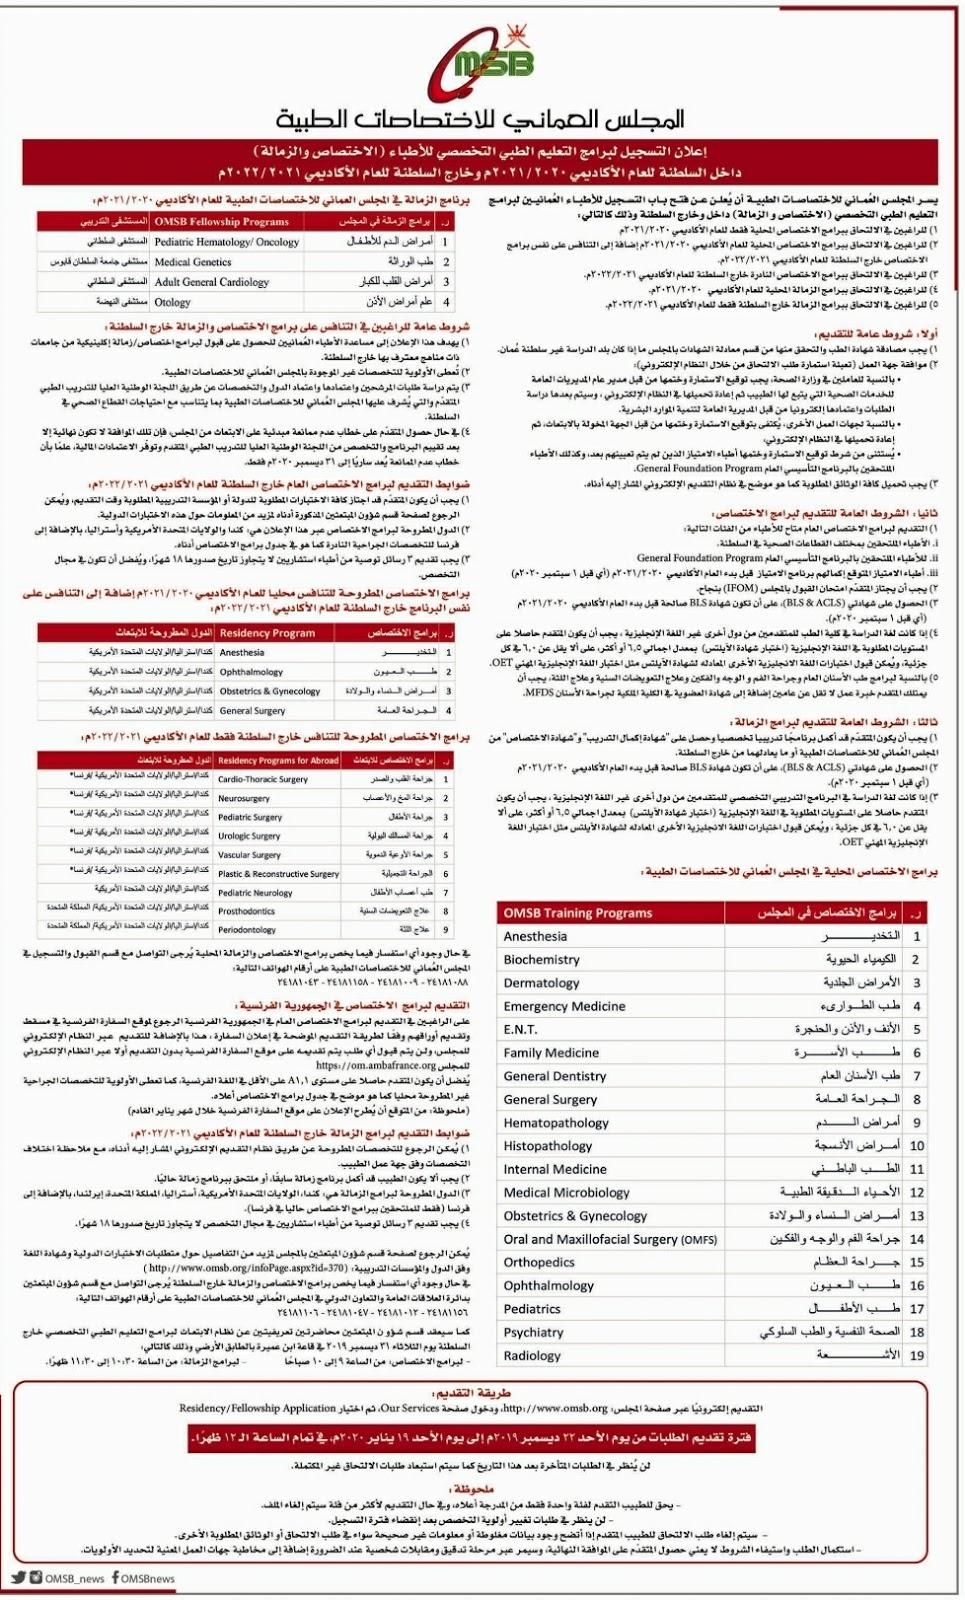 يسر المجلس العُماني للاختصاصات الطبية أن يُعلن عن فتح باب